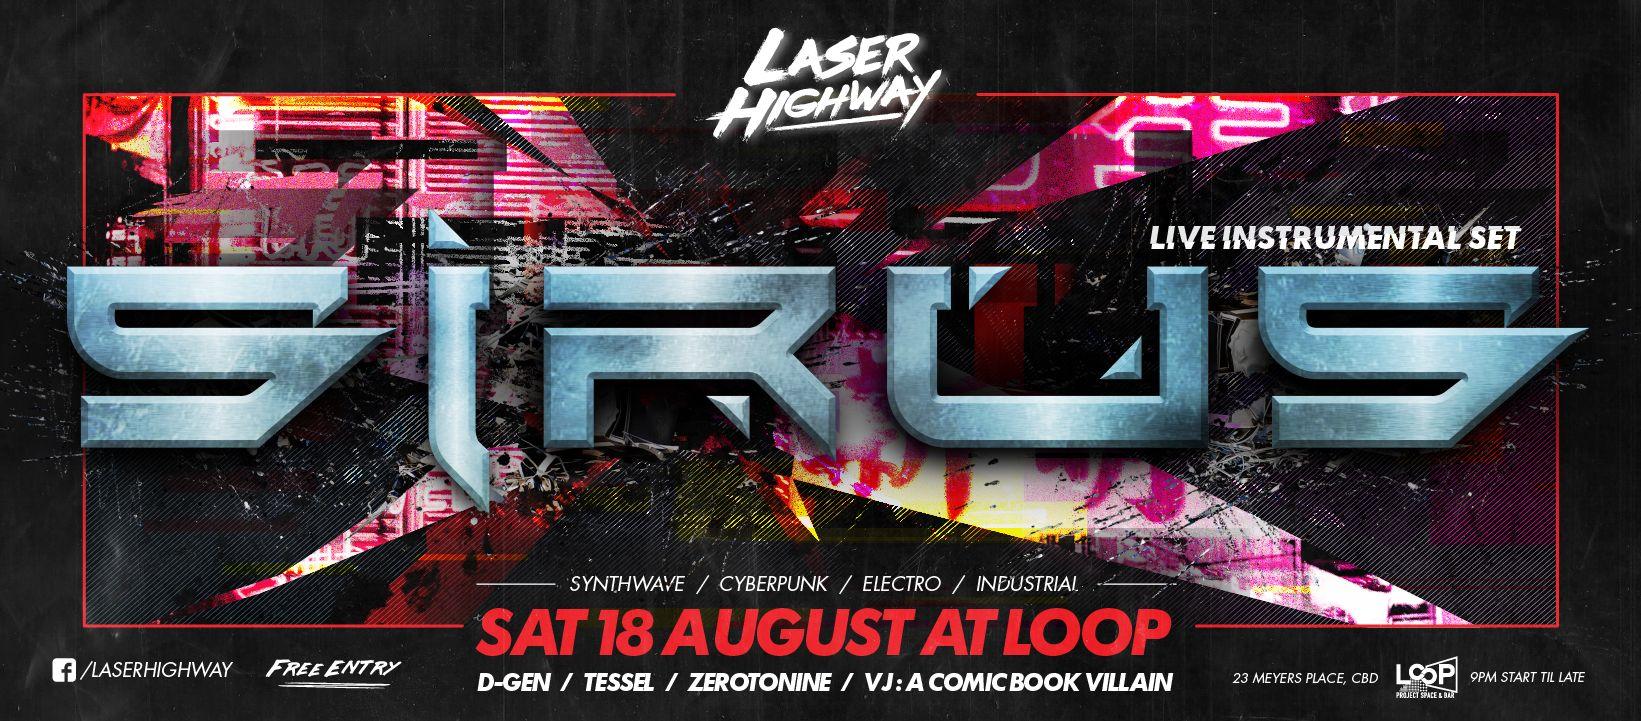 Laser Highway • Kiss FM